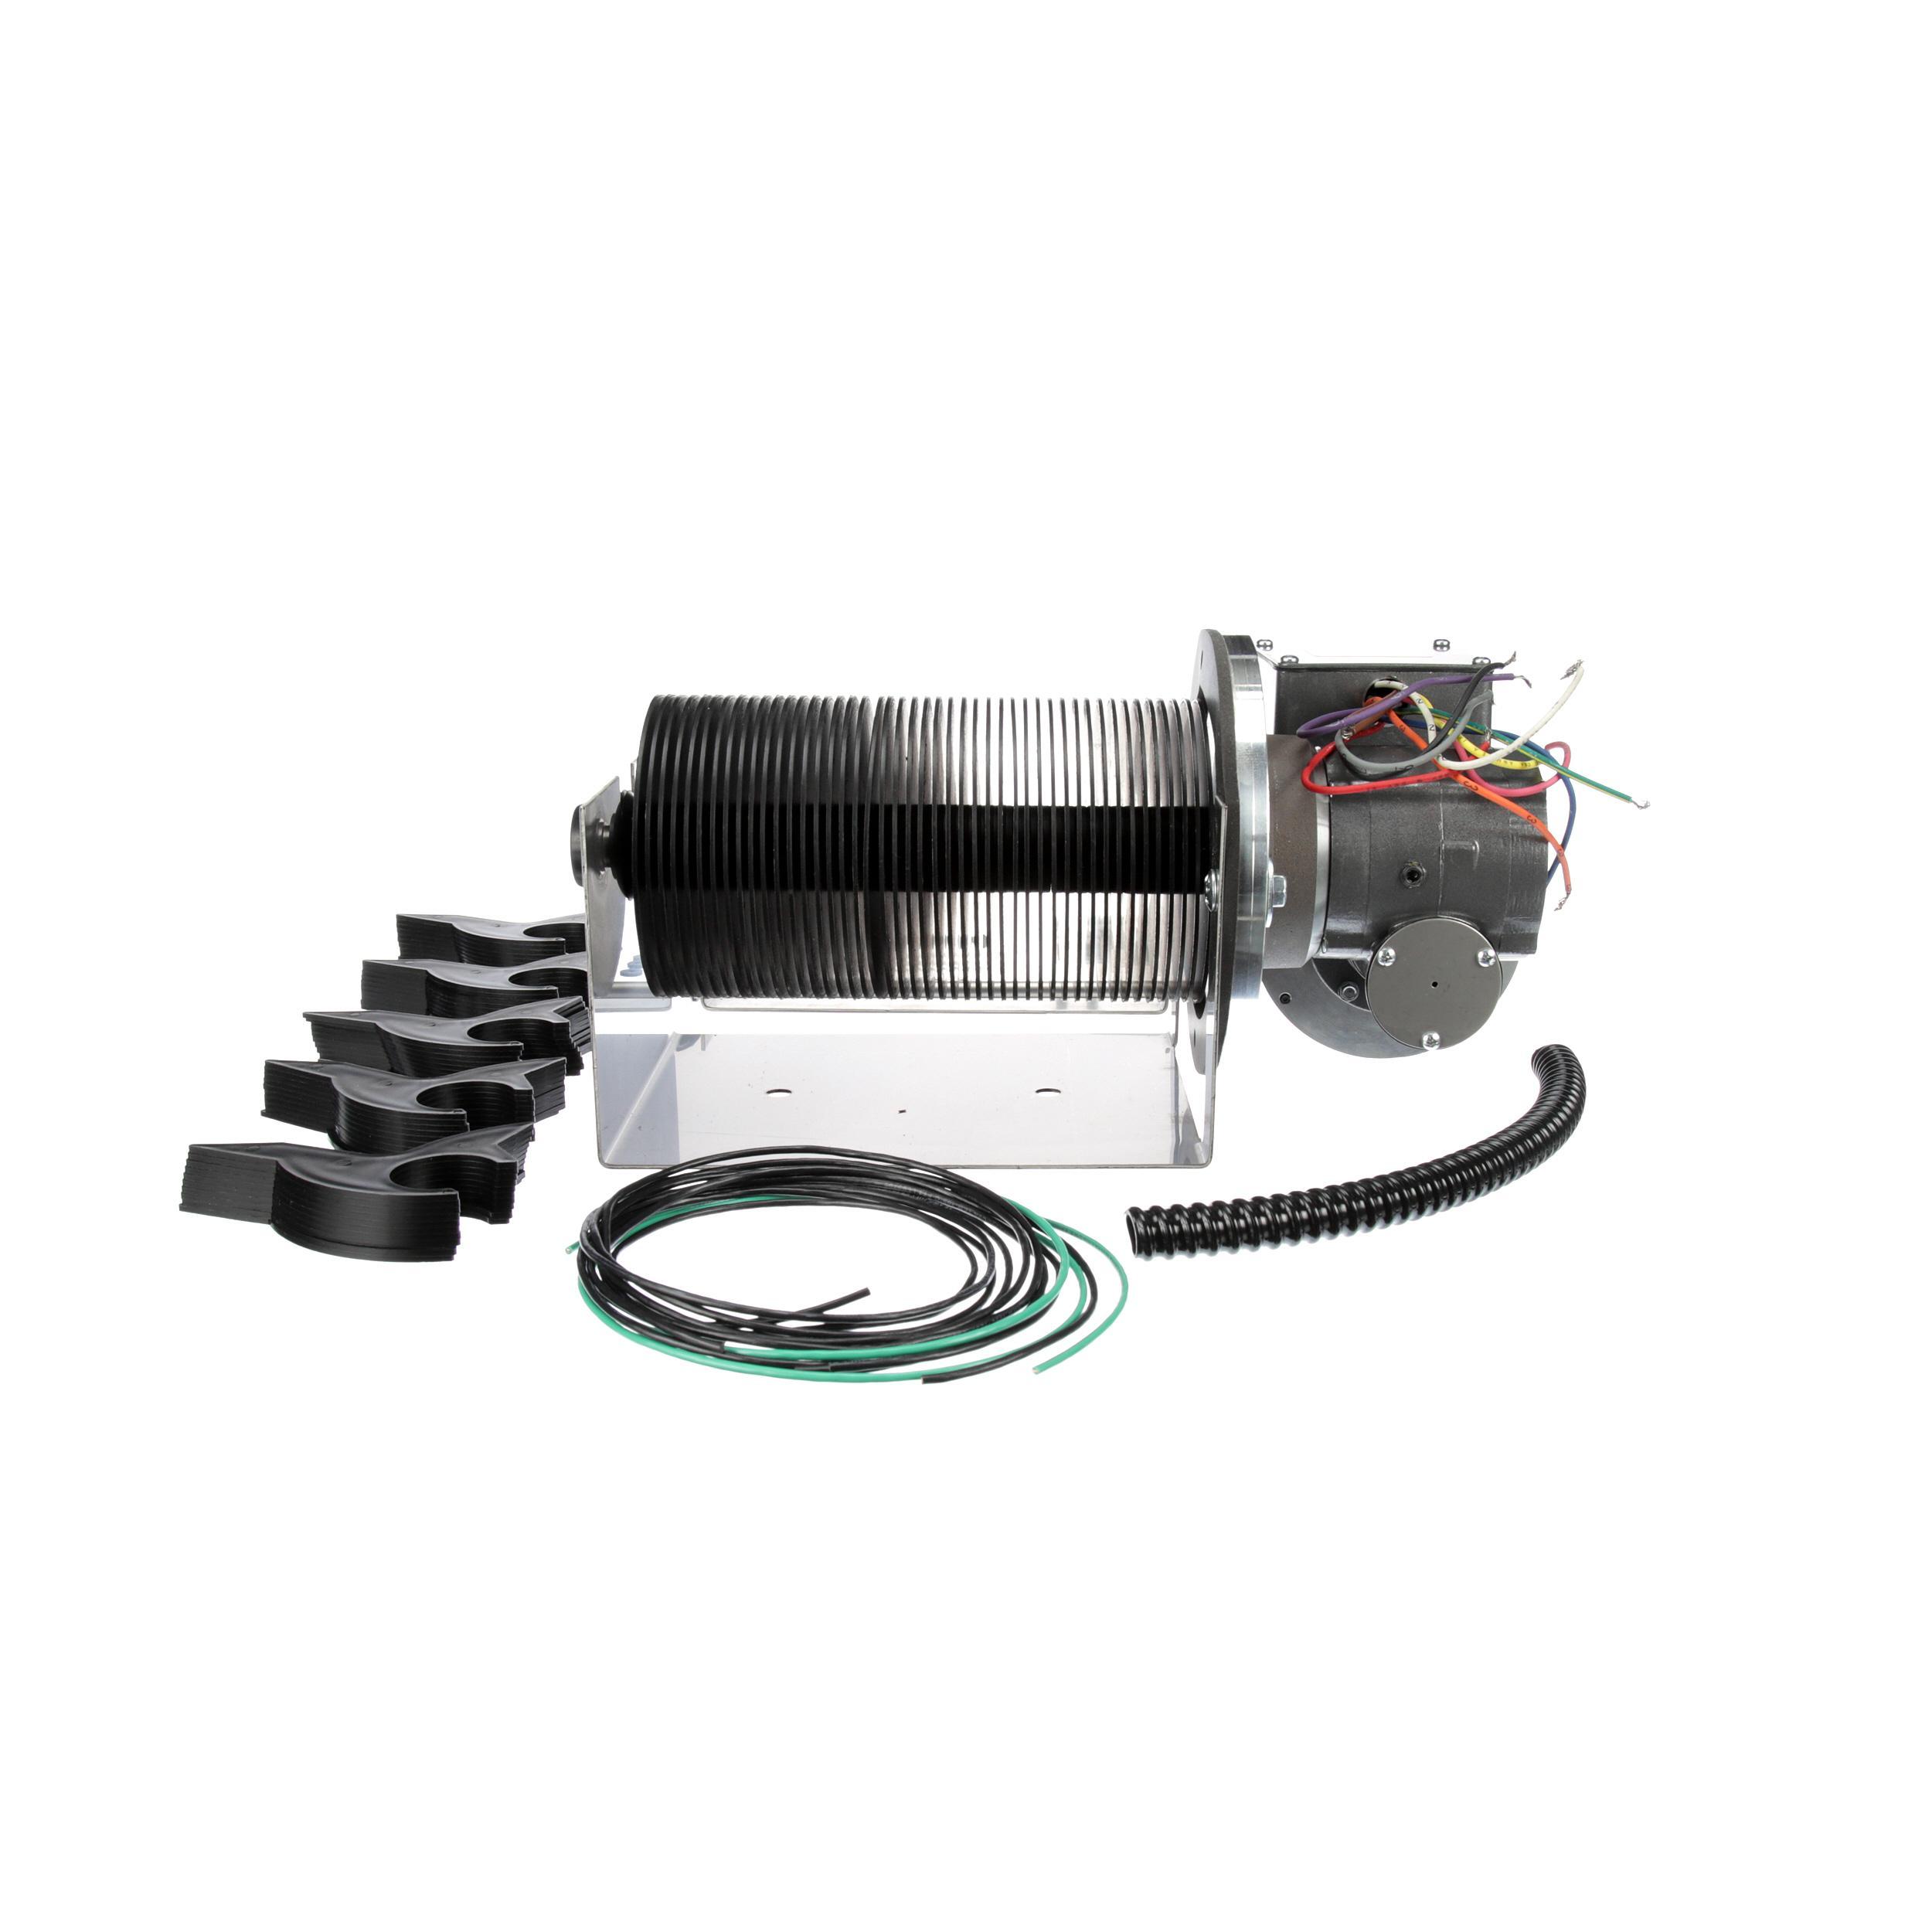 Salvajor Gear Motor Assy Part 980121r